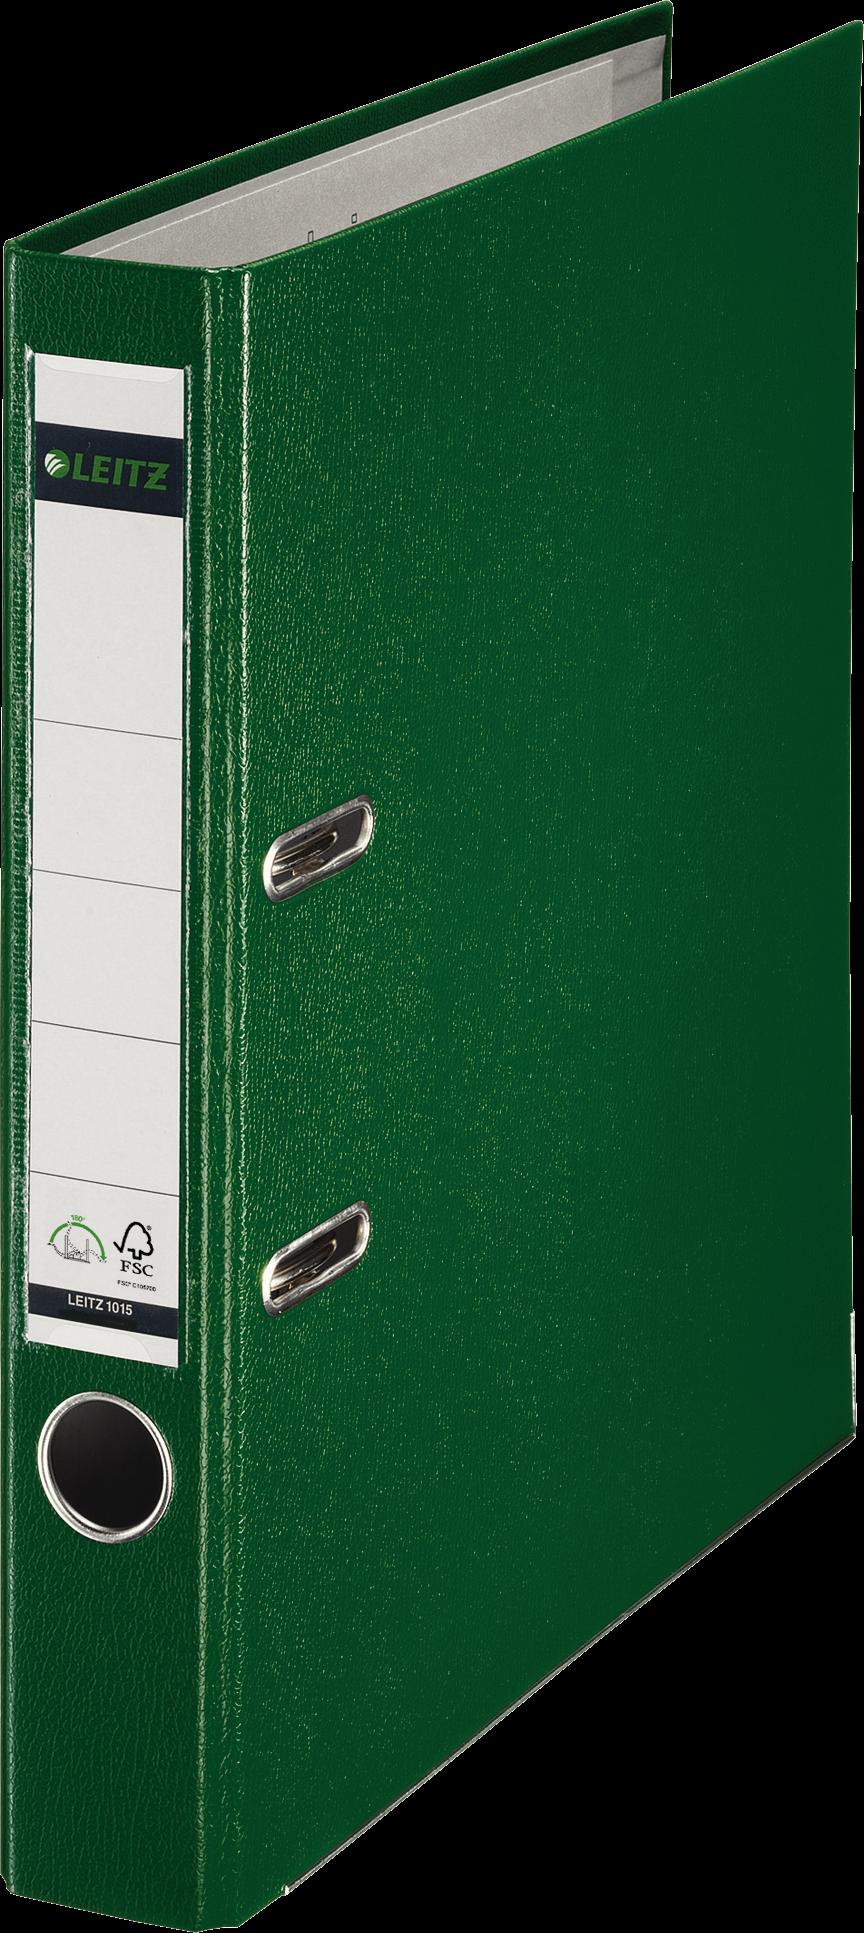 LEITZ Ordner smal 50mm groen